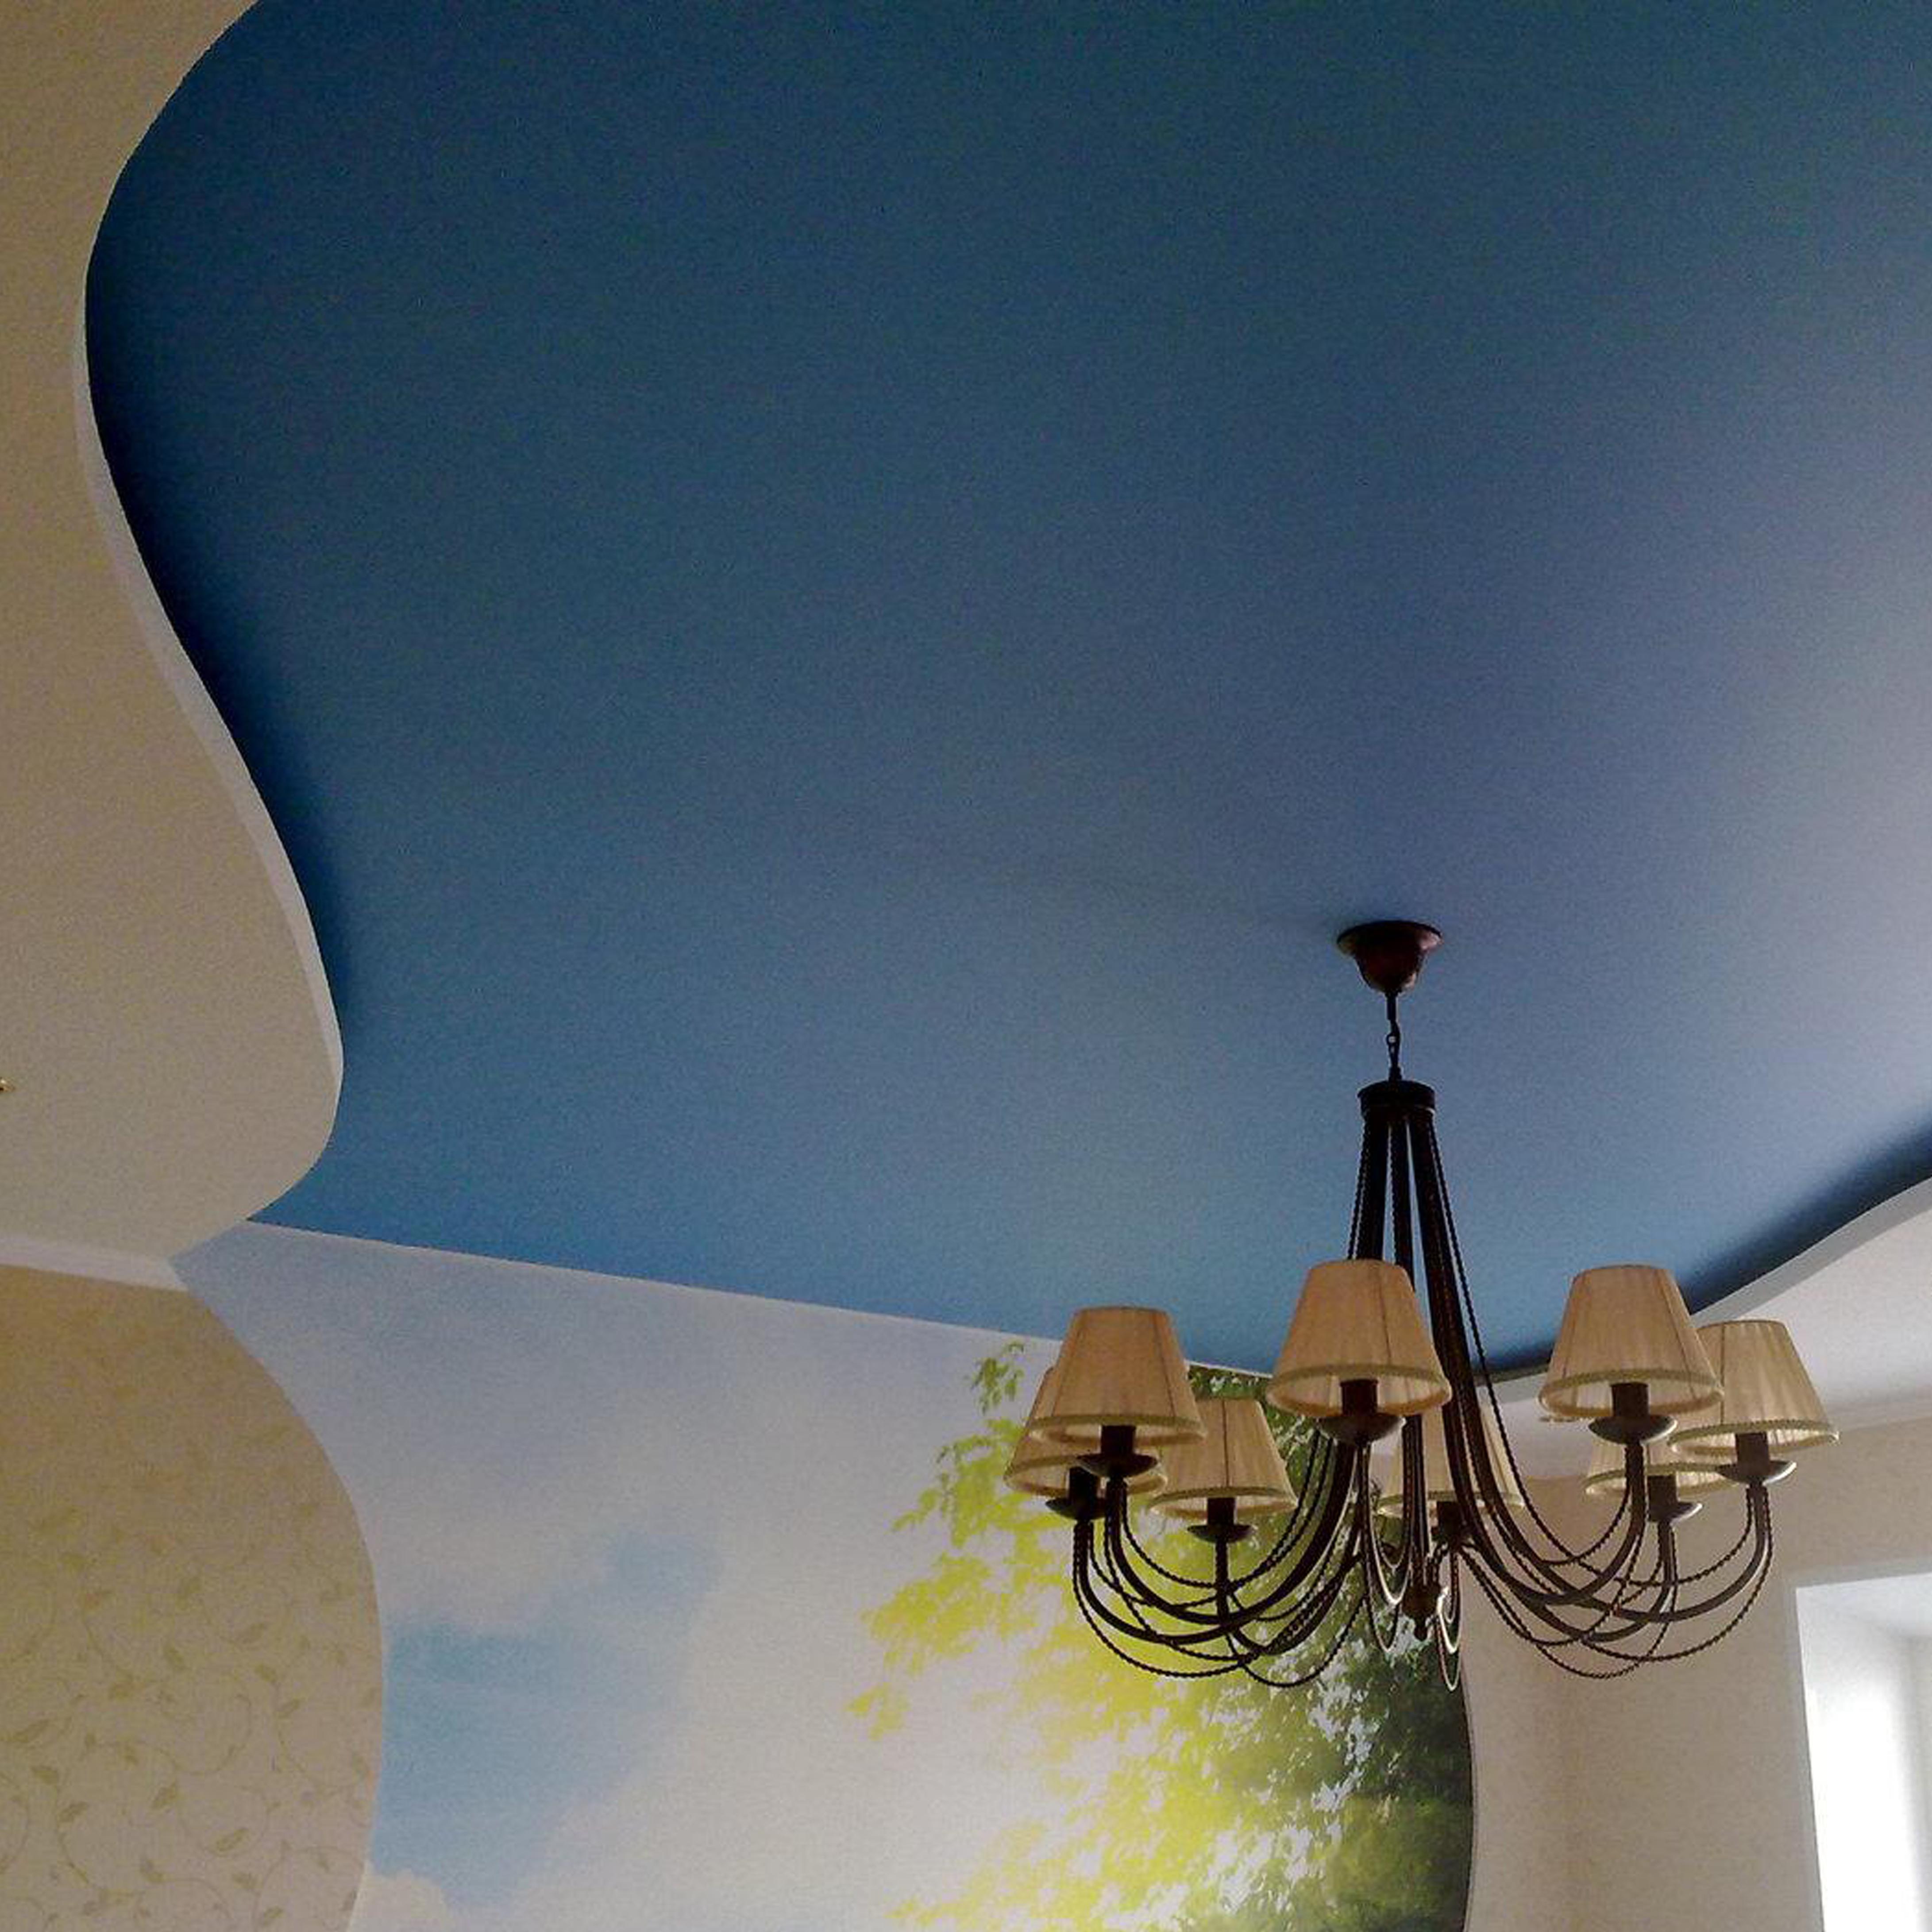 натяжные потолки фото матовые тканевые двухуровневые цена